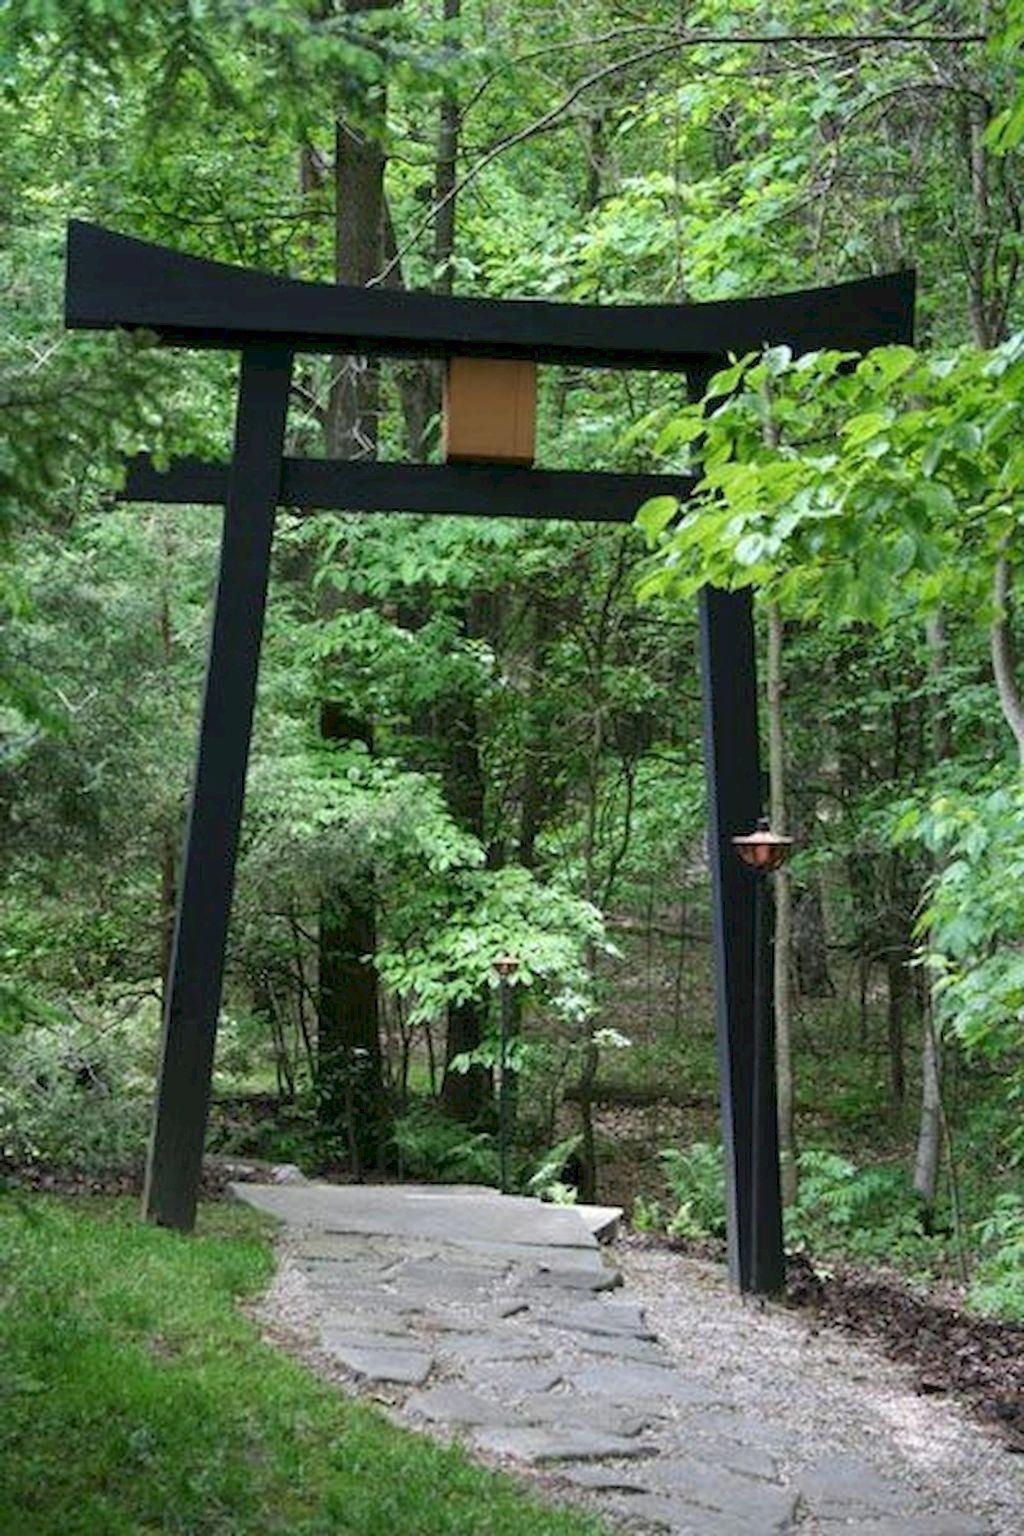 Diseño De Jardines En Madrid Decoraciondejardinesparaboda Diseño De Jardín Japonés Arcos De Jardín Jardines Japoneses